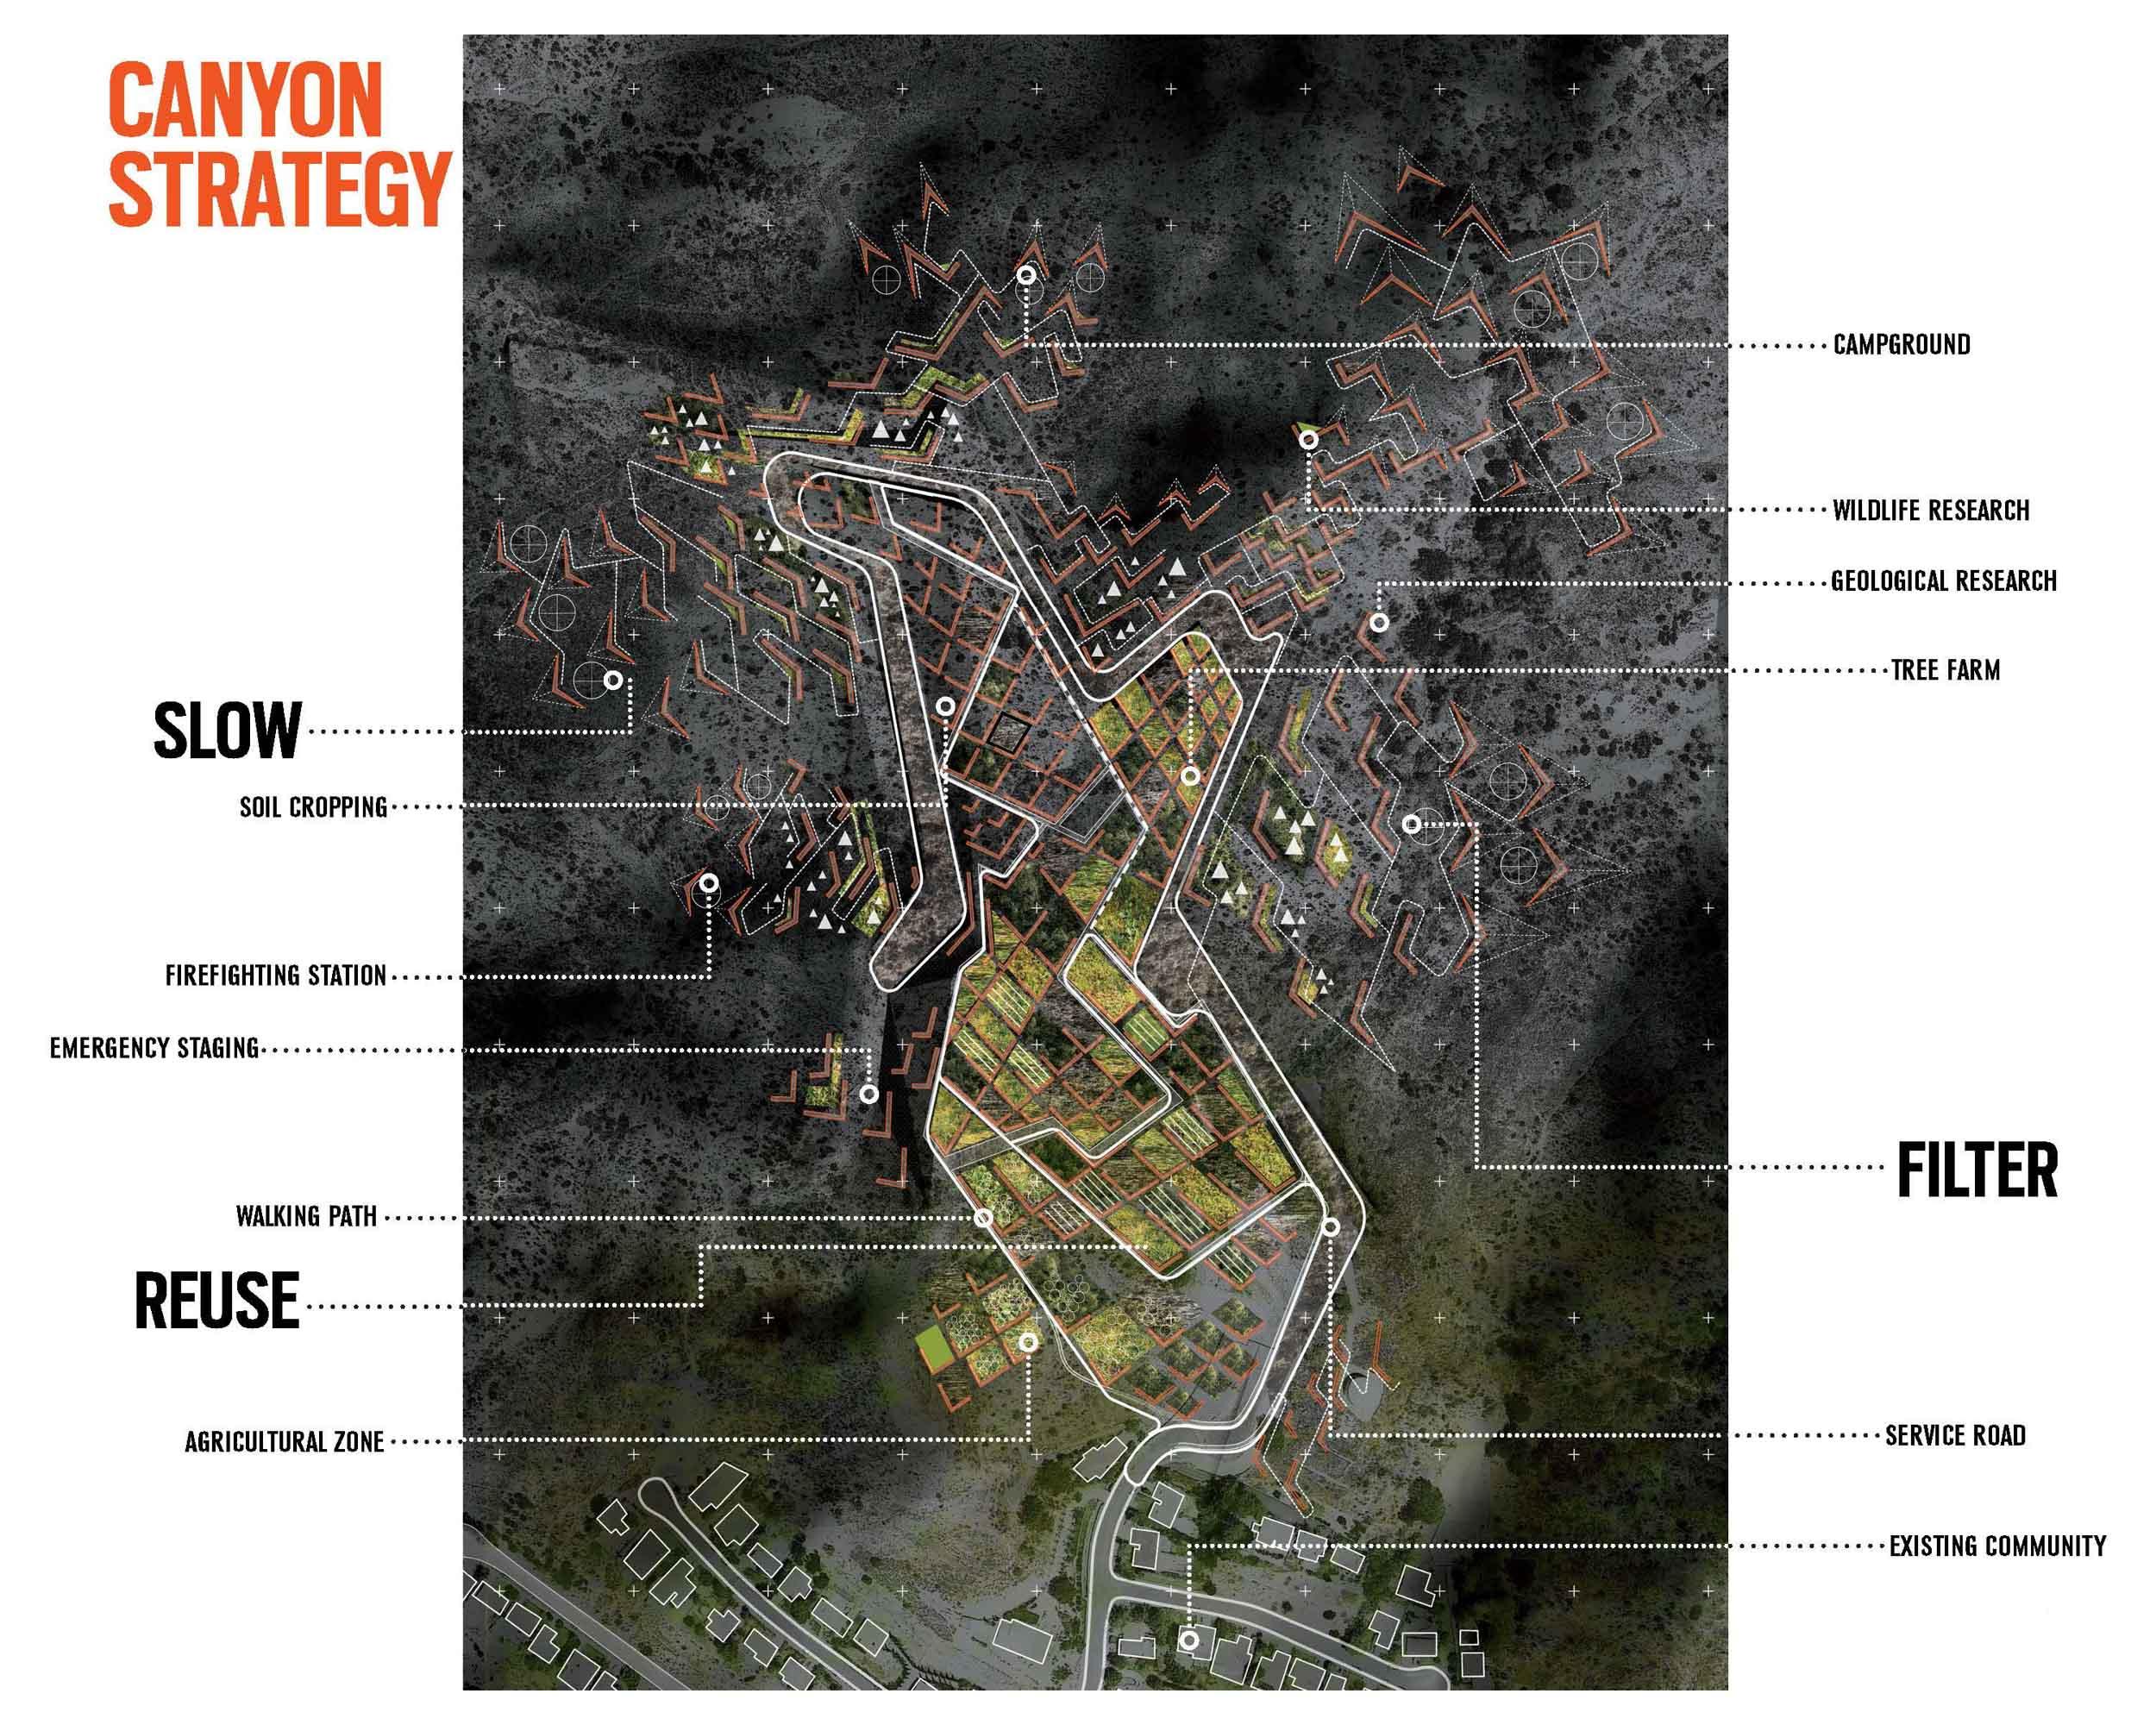 canyon strategy diagram